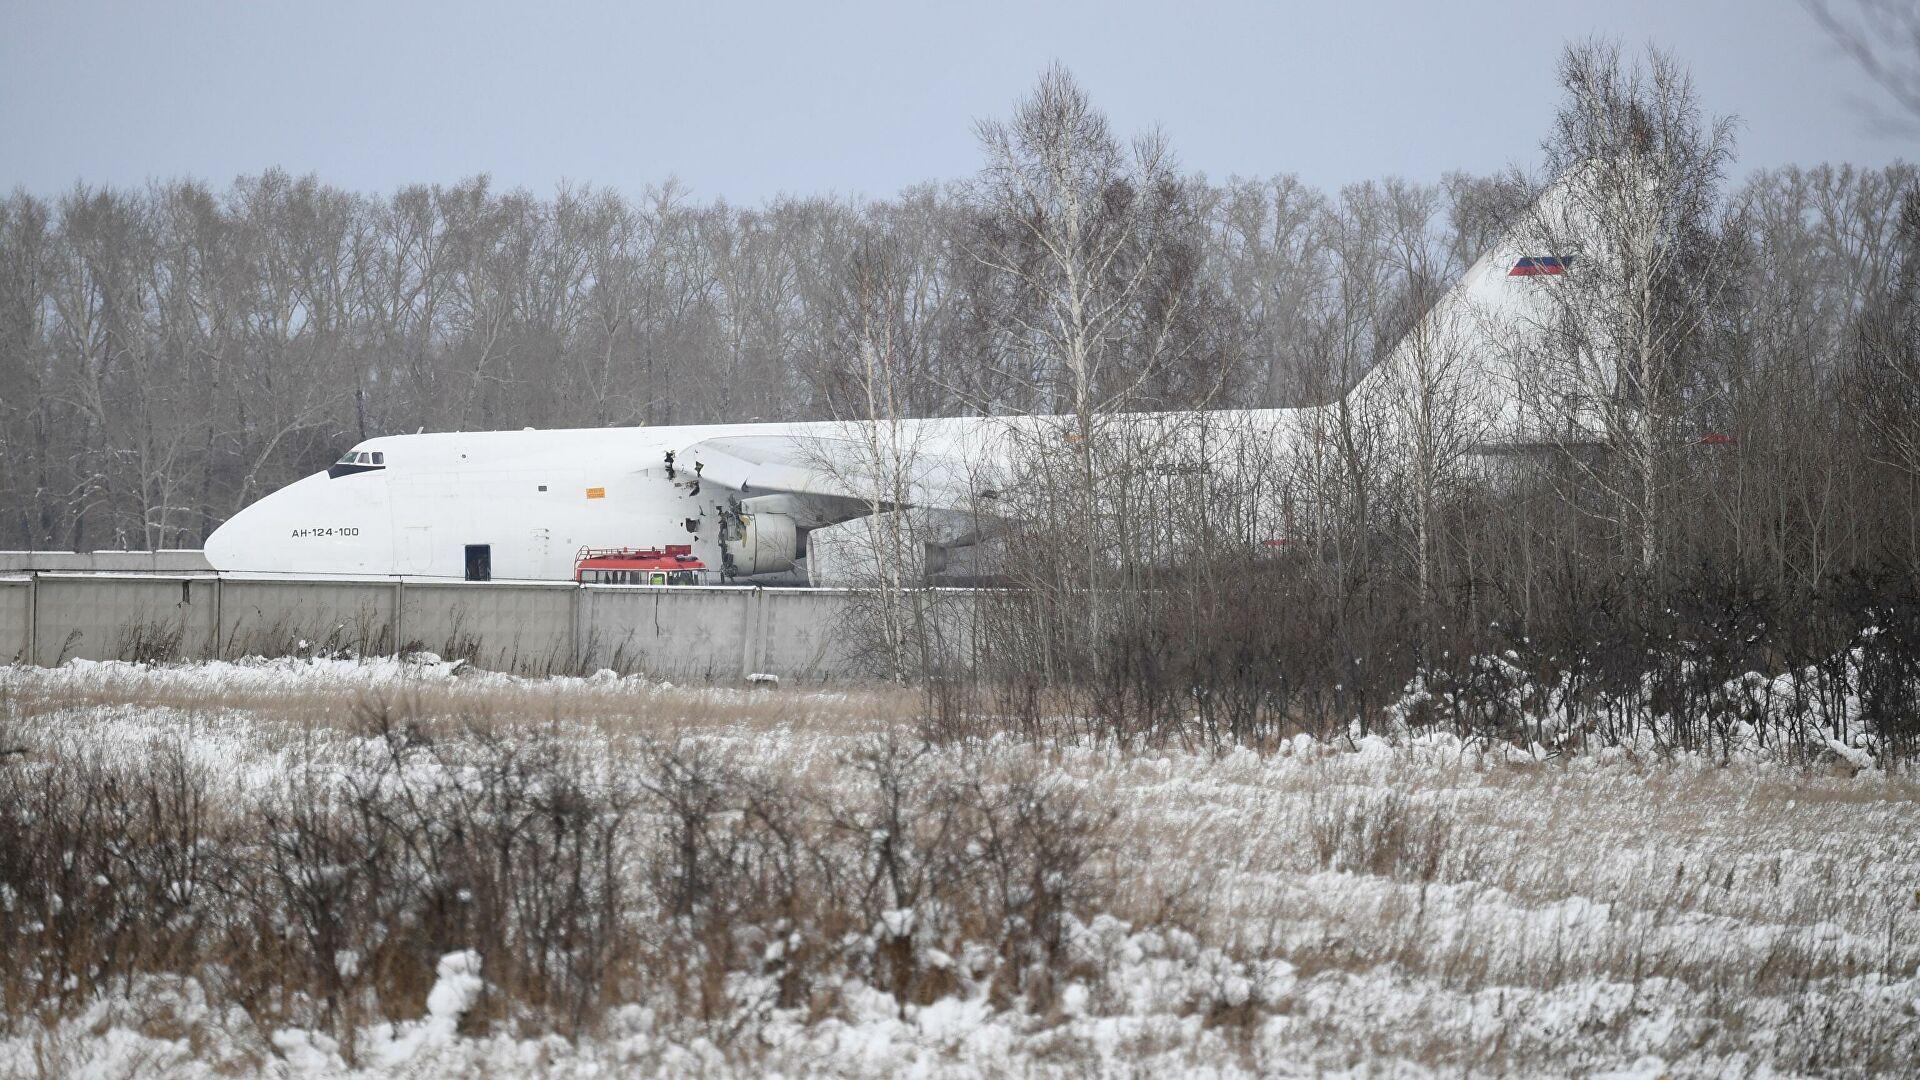 Показана эвакуация аварийно севшего гигантского самолёта Ан-124 с помощью танков